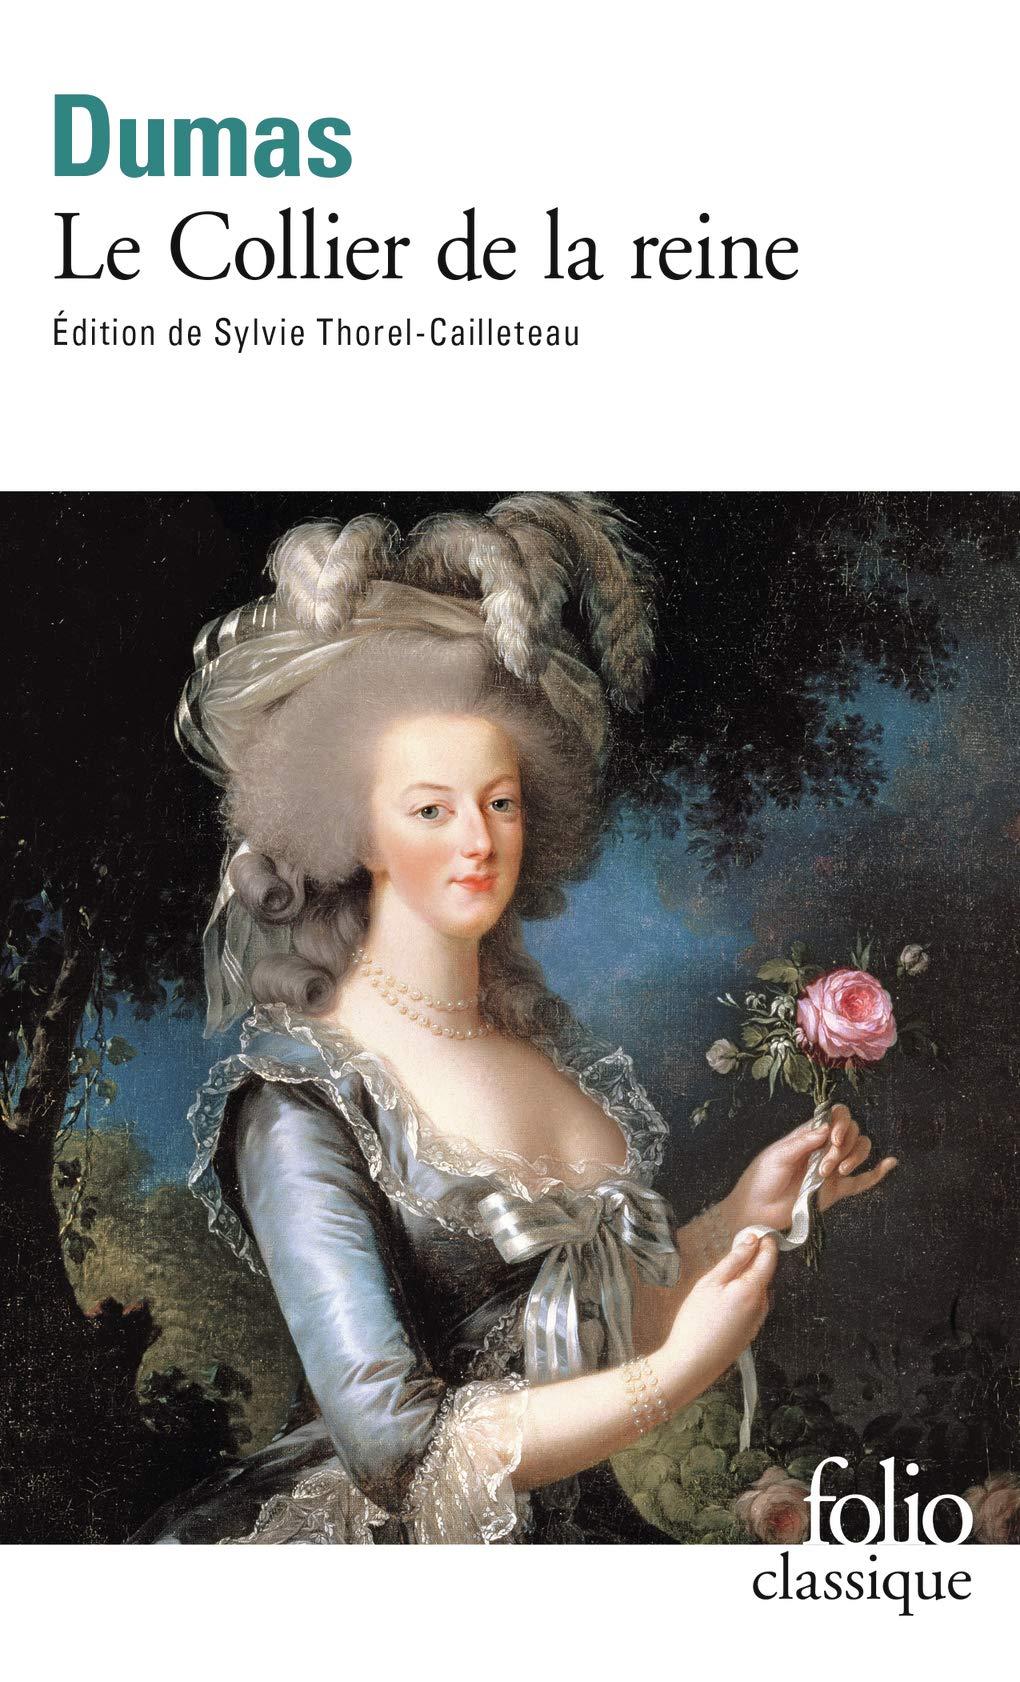 Vente de liquidation 2019 meilleur endroit en ligne ici Amazon.fr - Le Collier de la reine - Alexandre Dumas - Livres